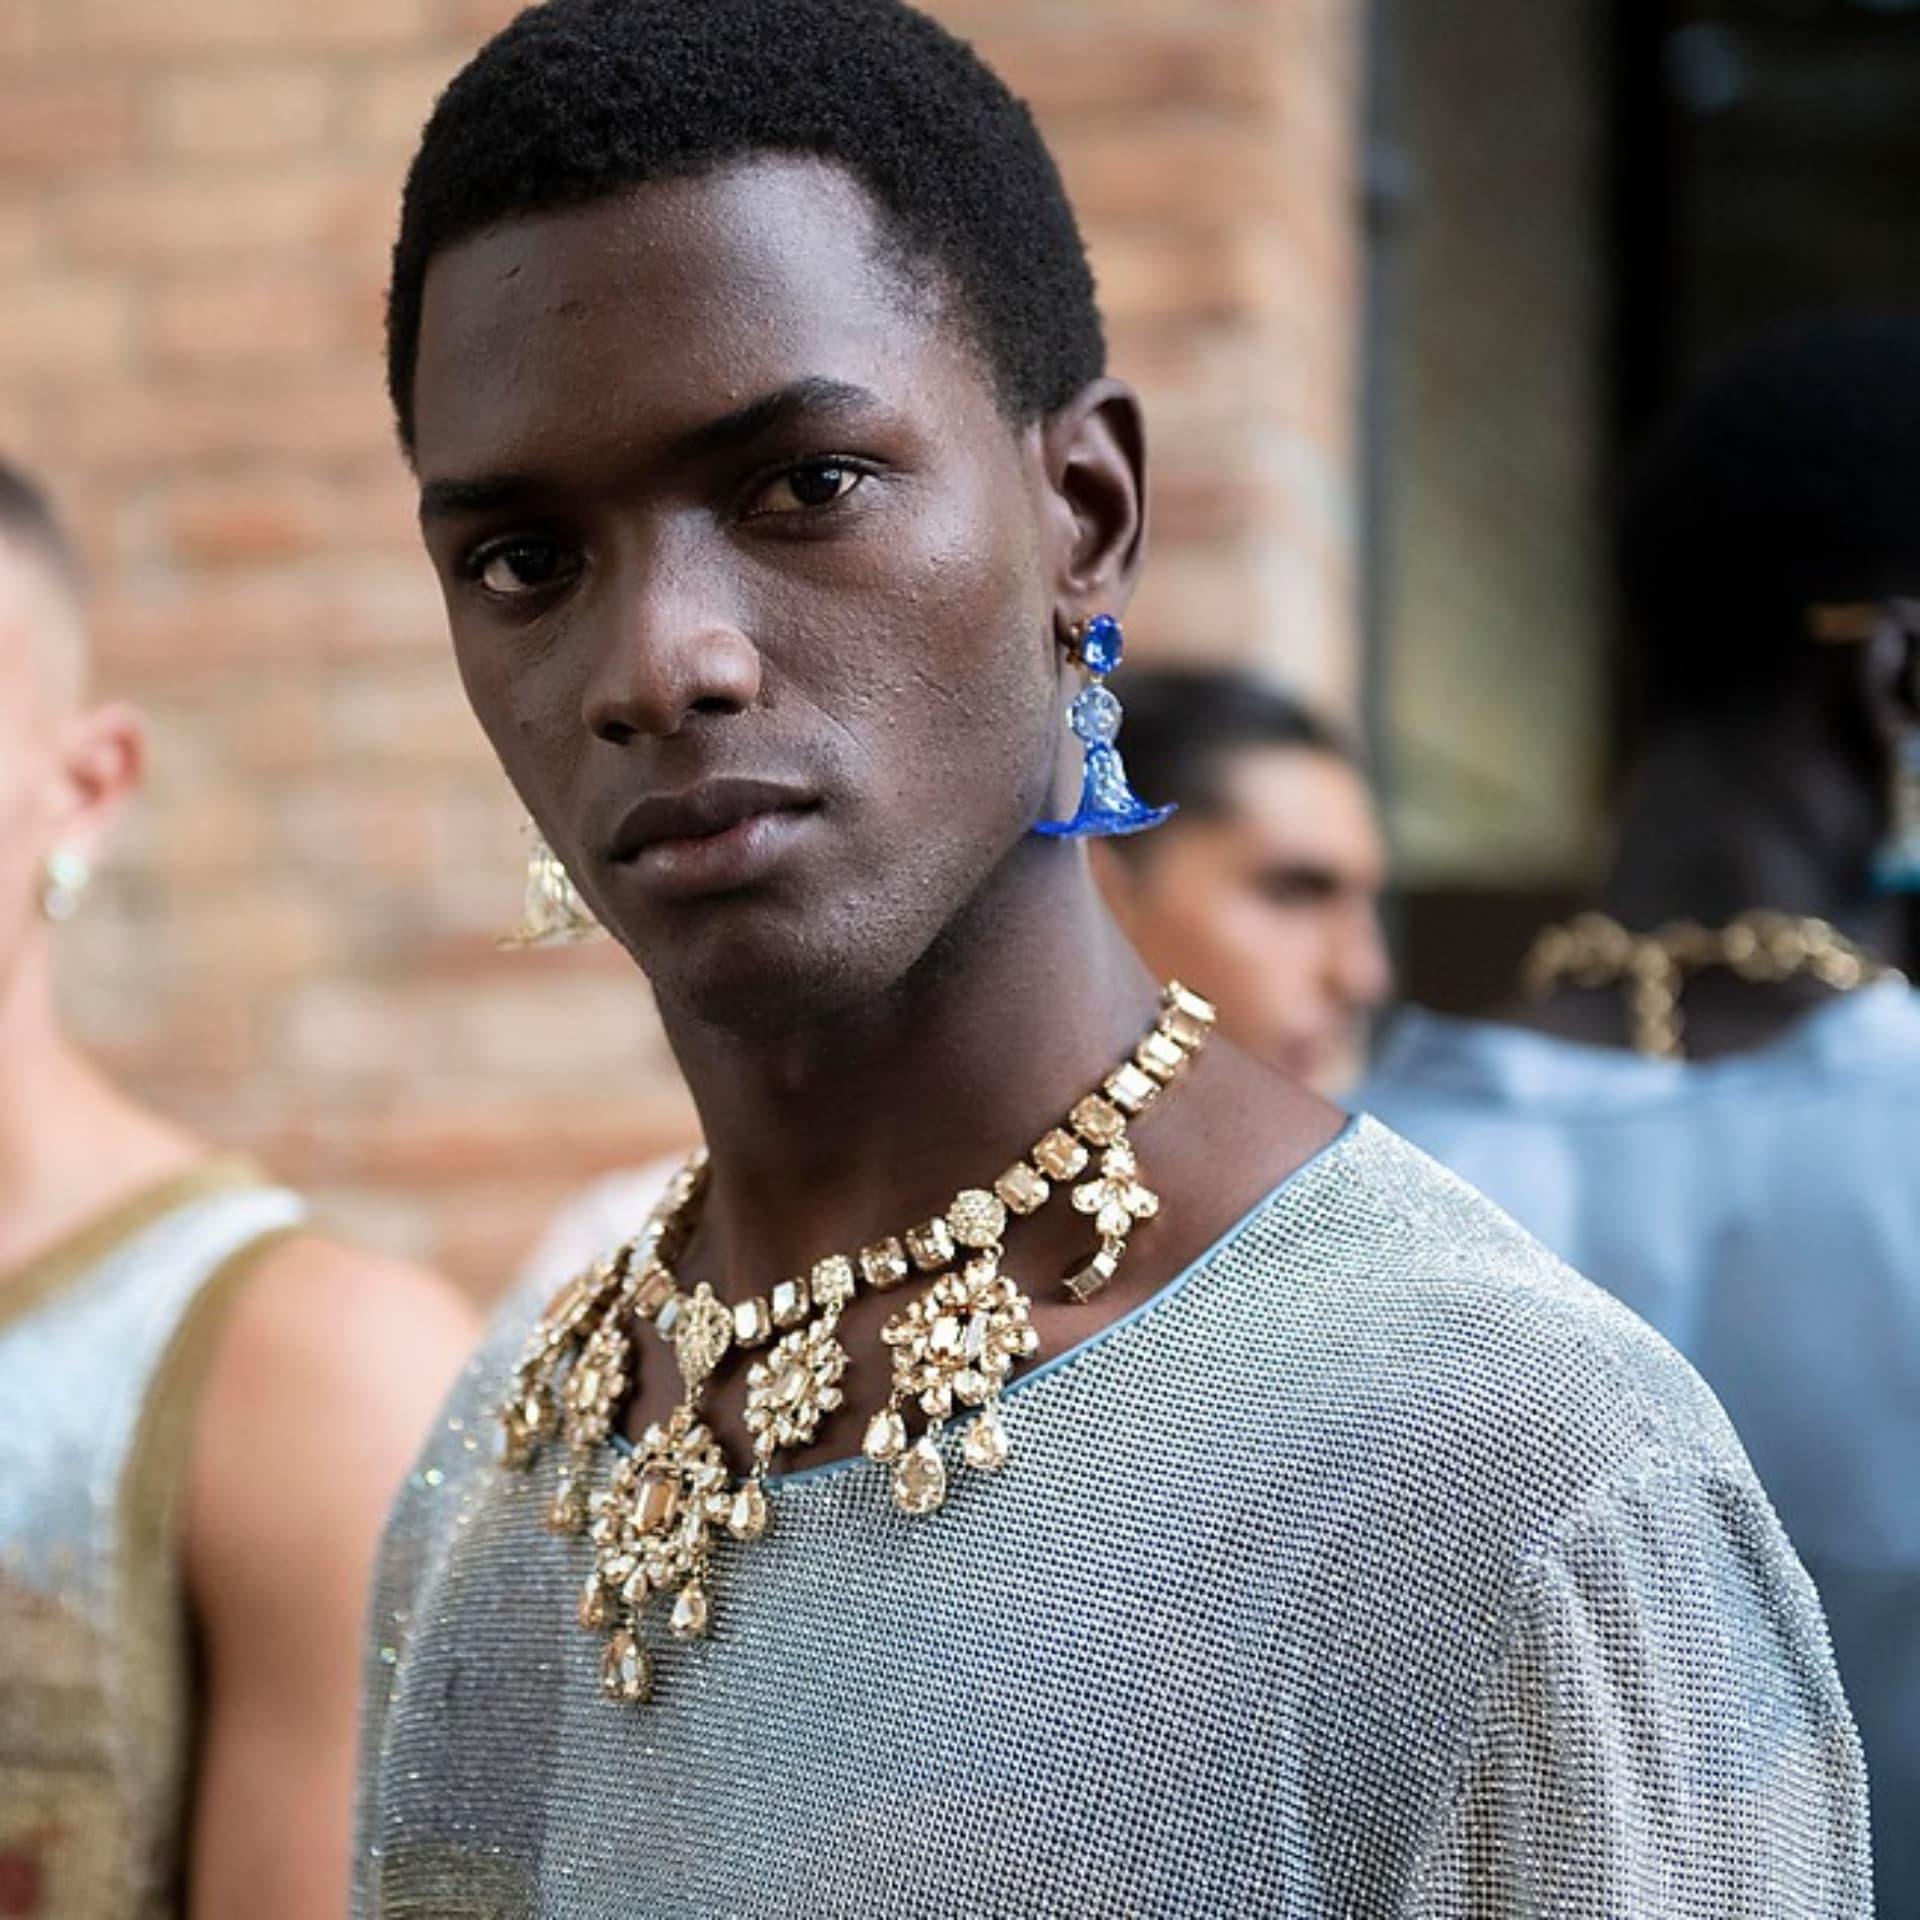 Dolce & Gabbana presentó su colección de Alta Moda 2022